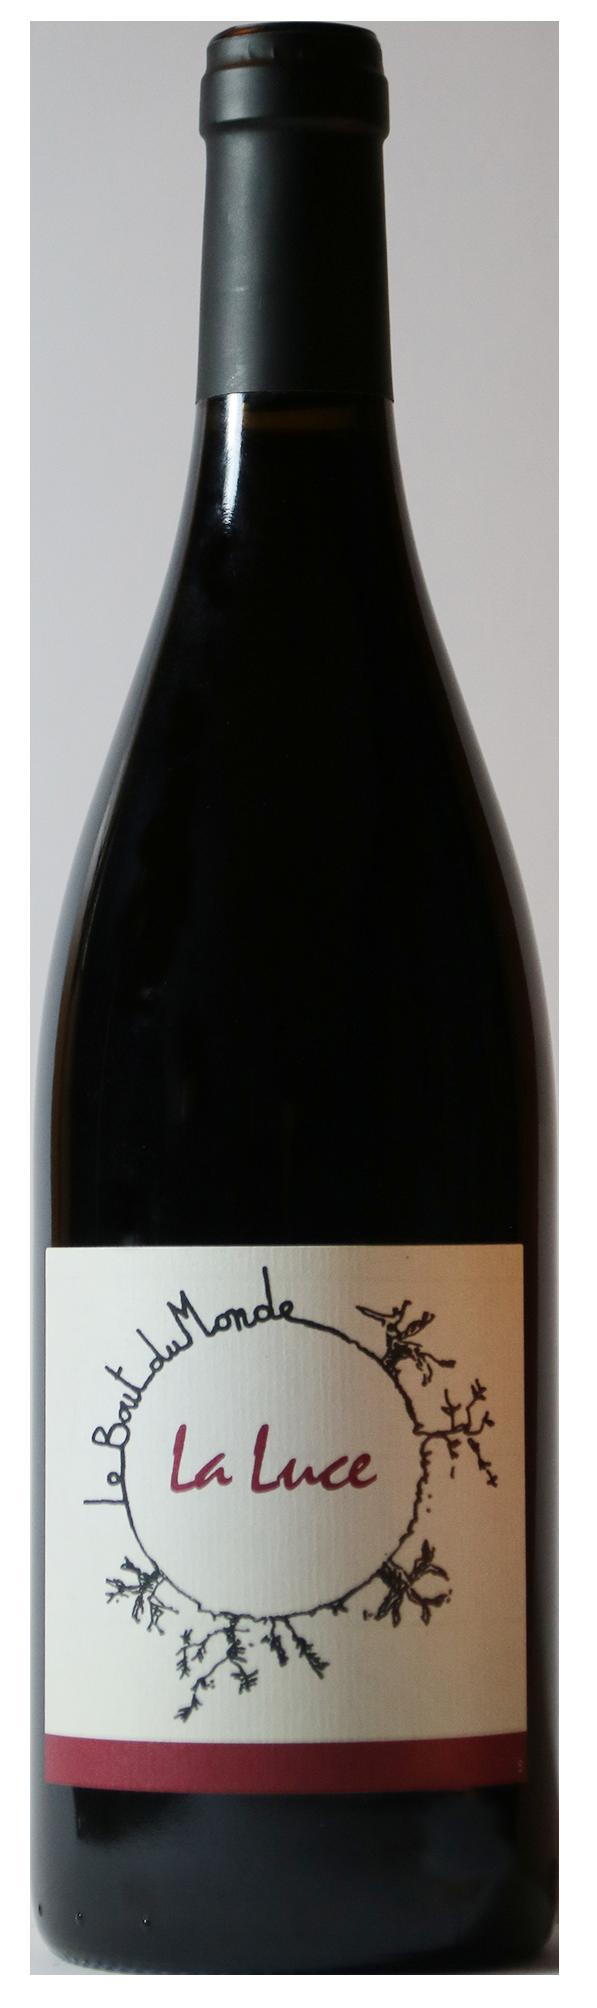 Bouteille de vin rouge naturel, La Luce 2016 Domaine du Bout du monde